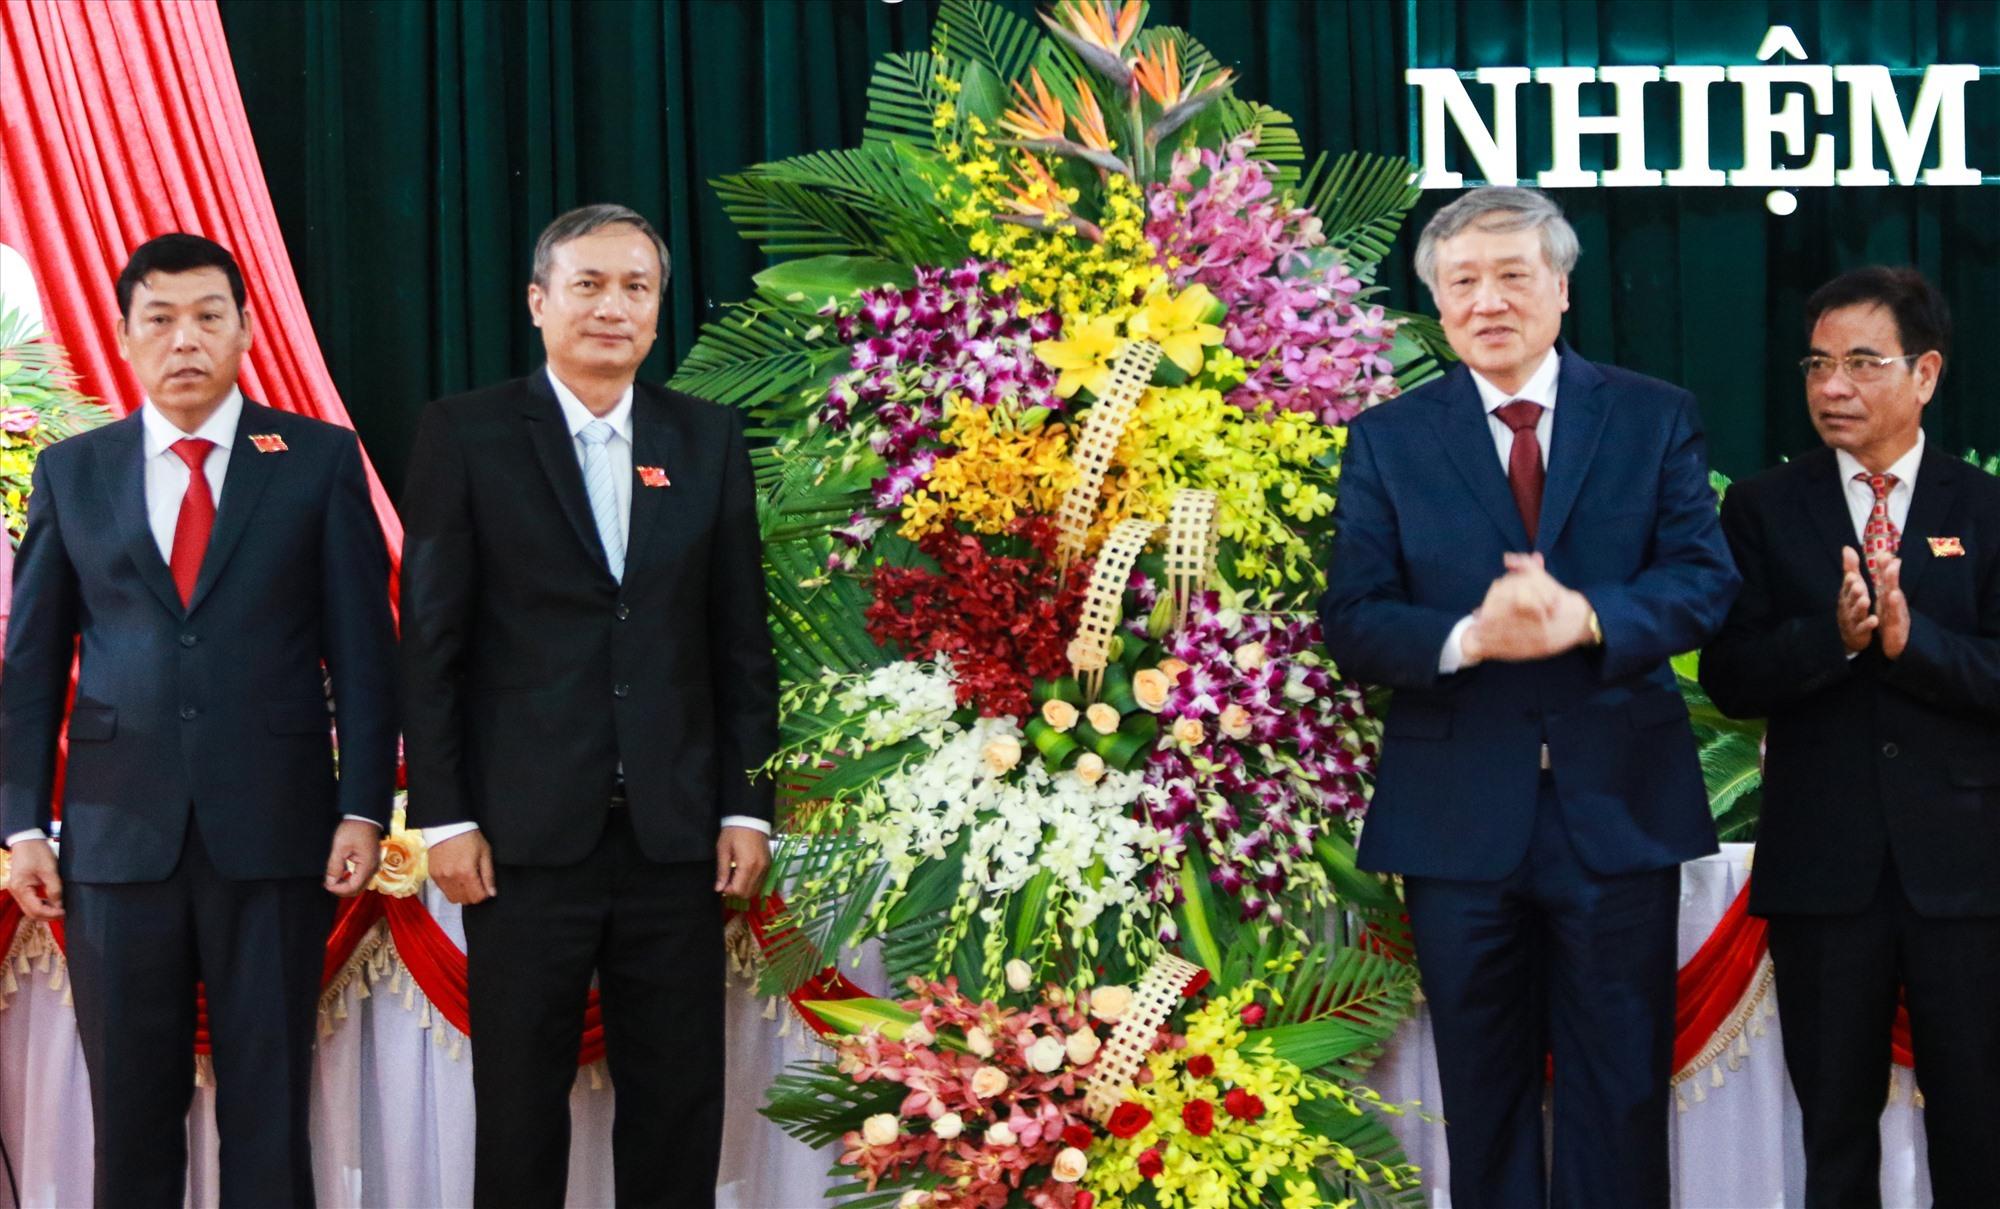 Bí thư Trung ương Đảng, Chánh án Tòa án nhân dân tối cao Nguyễn Hòa Bình tặng hoa chúc mừng, chúc đại hội